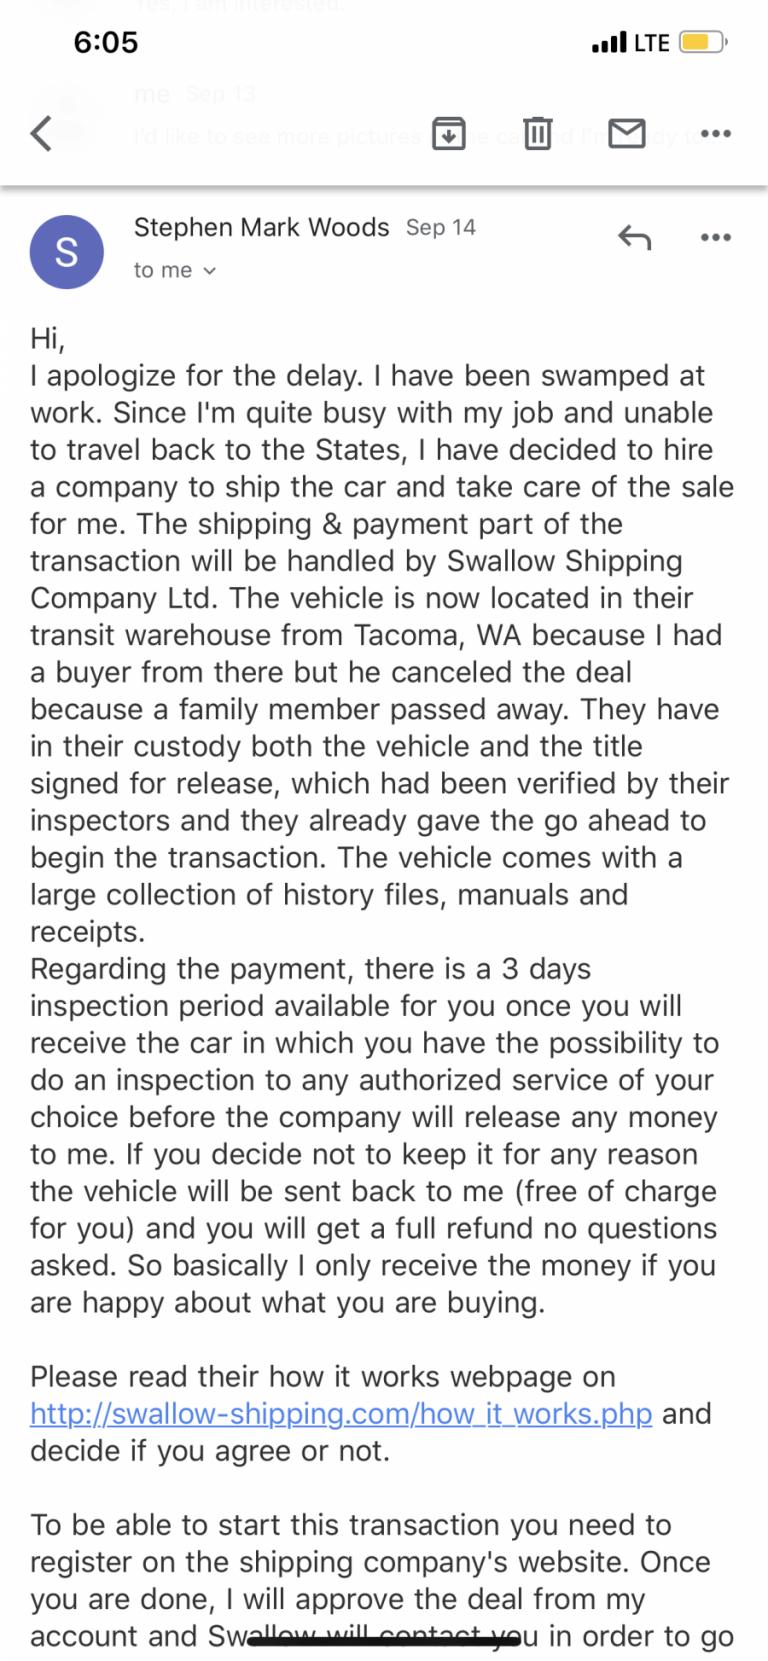 Swallow Shipping Company